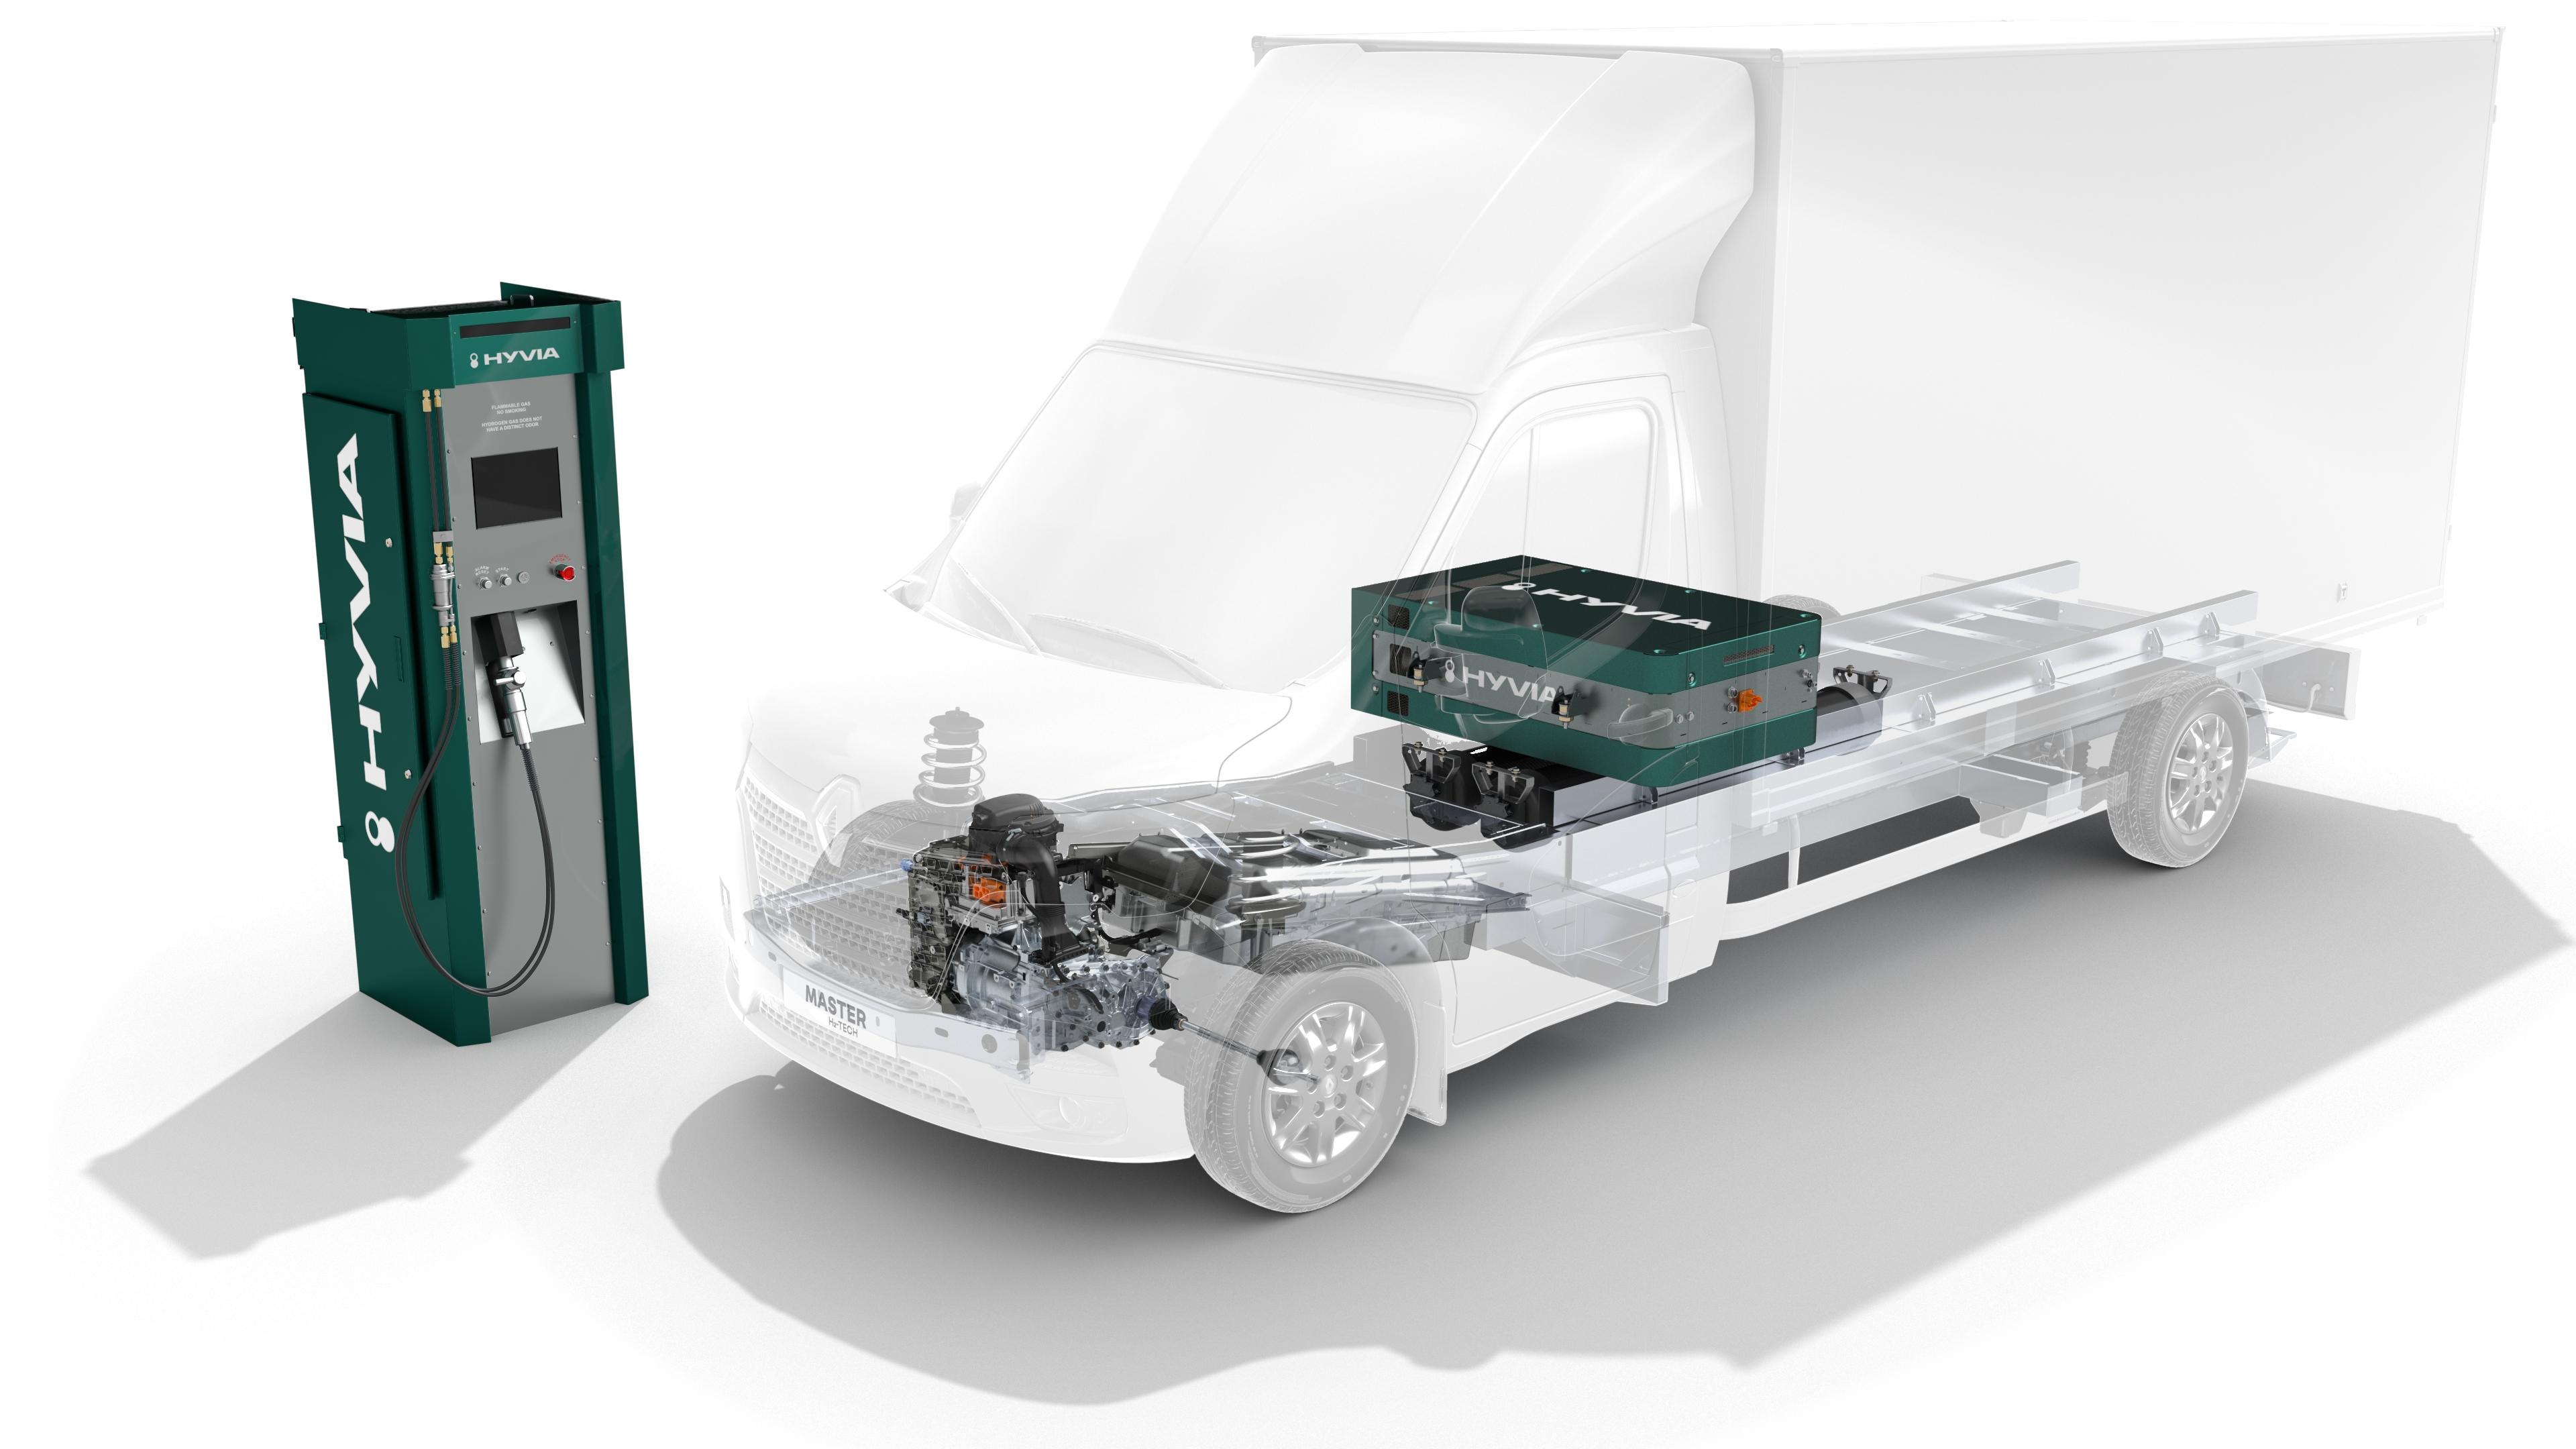 Master Cahssc Cab H2-TECH. Az üzemanyagcella a fülke mögött, lehetőleg a platóba, padlózatba van süllyesztve. A gáztartályok az alvázban hosszirányban vannak beépítve